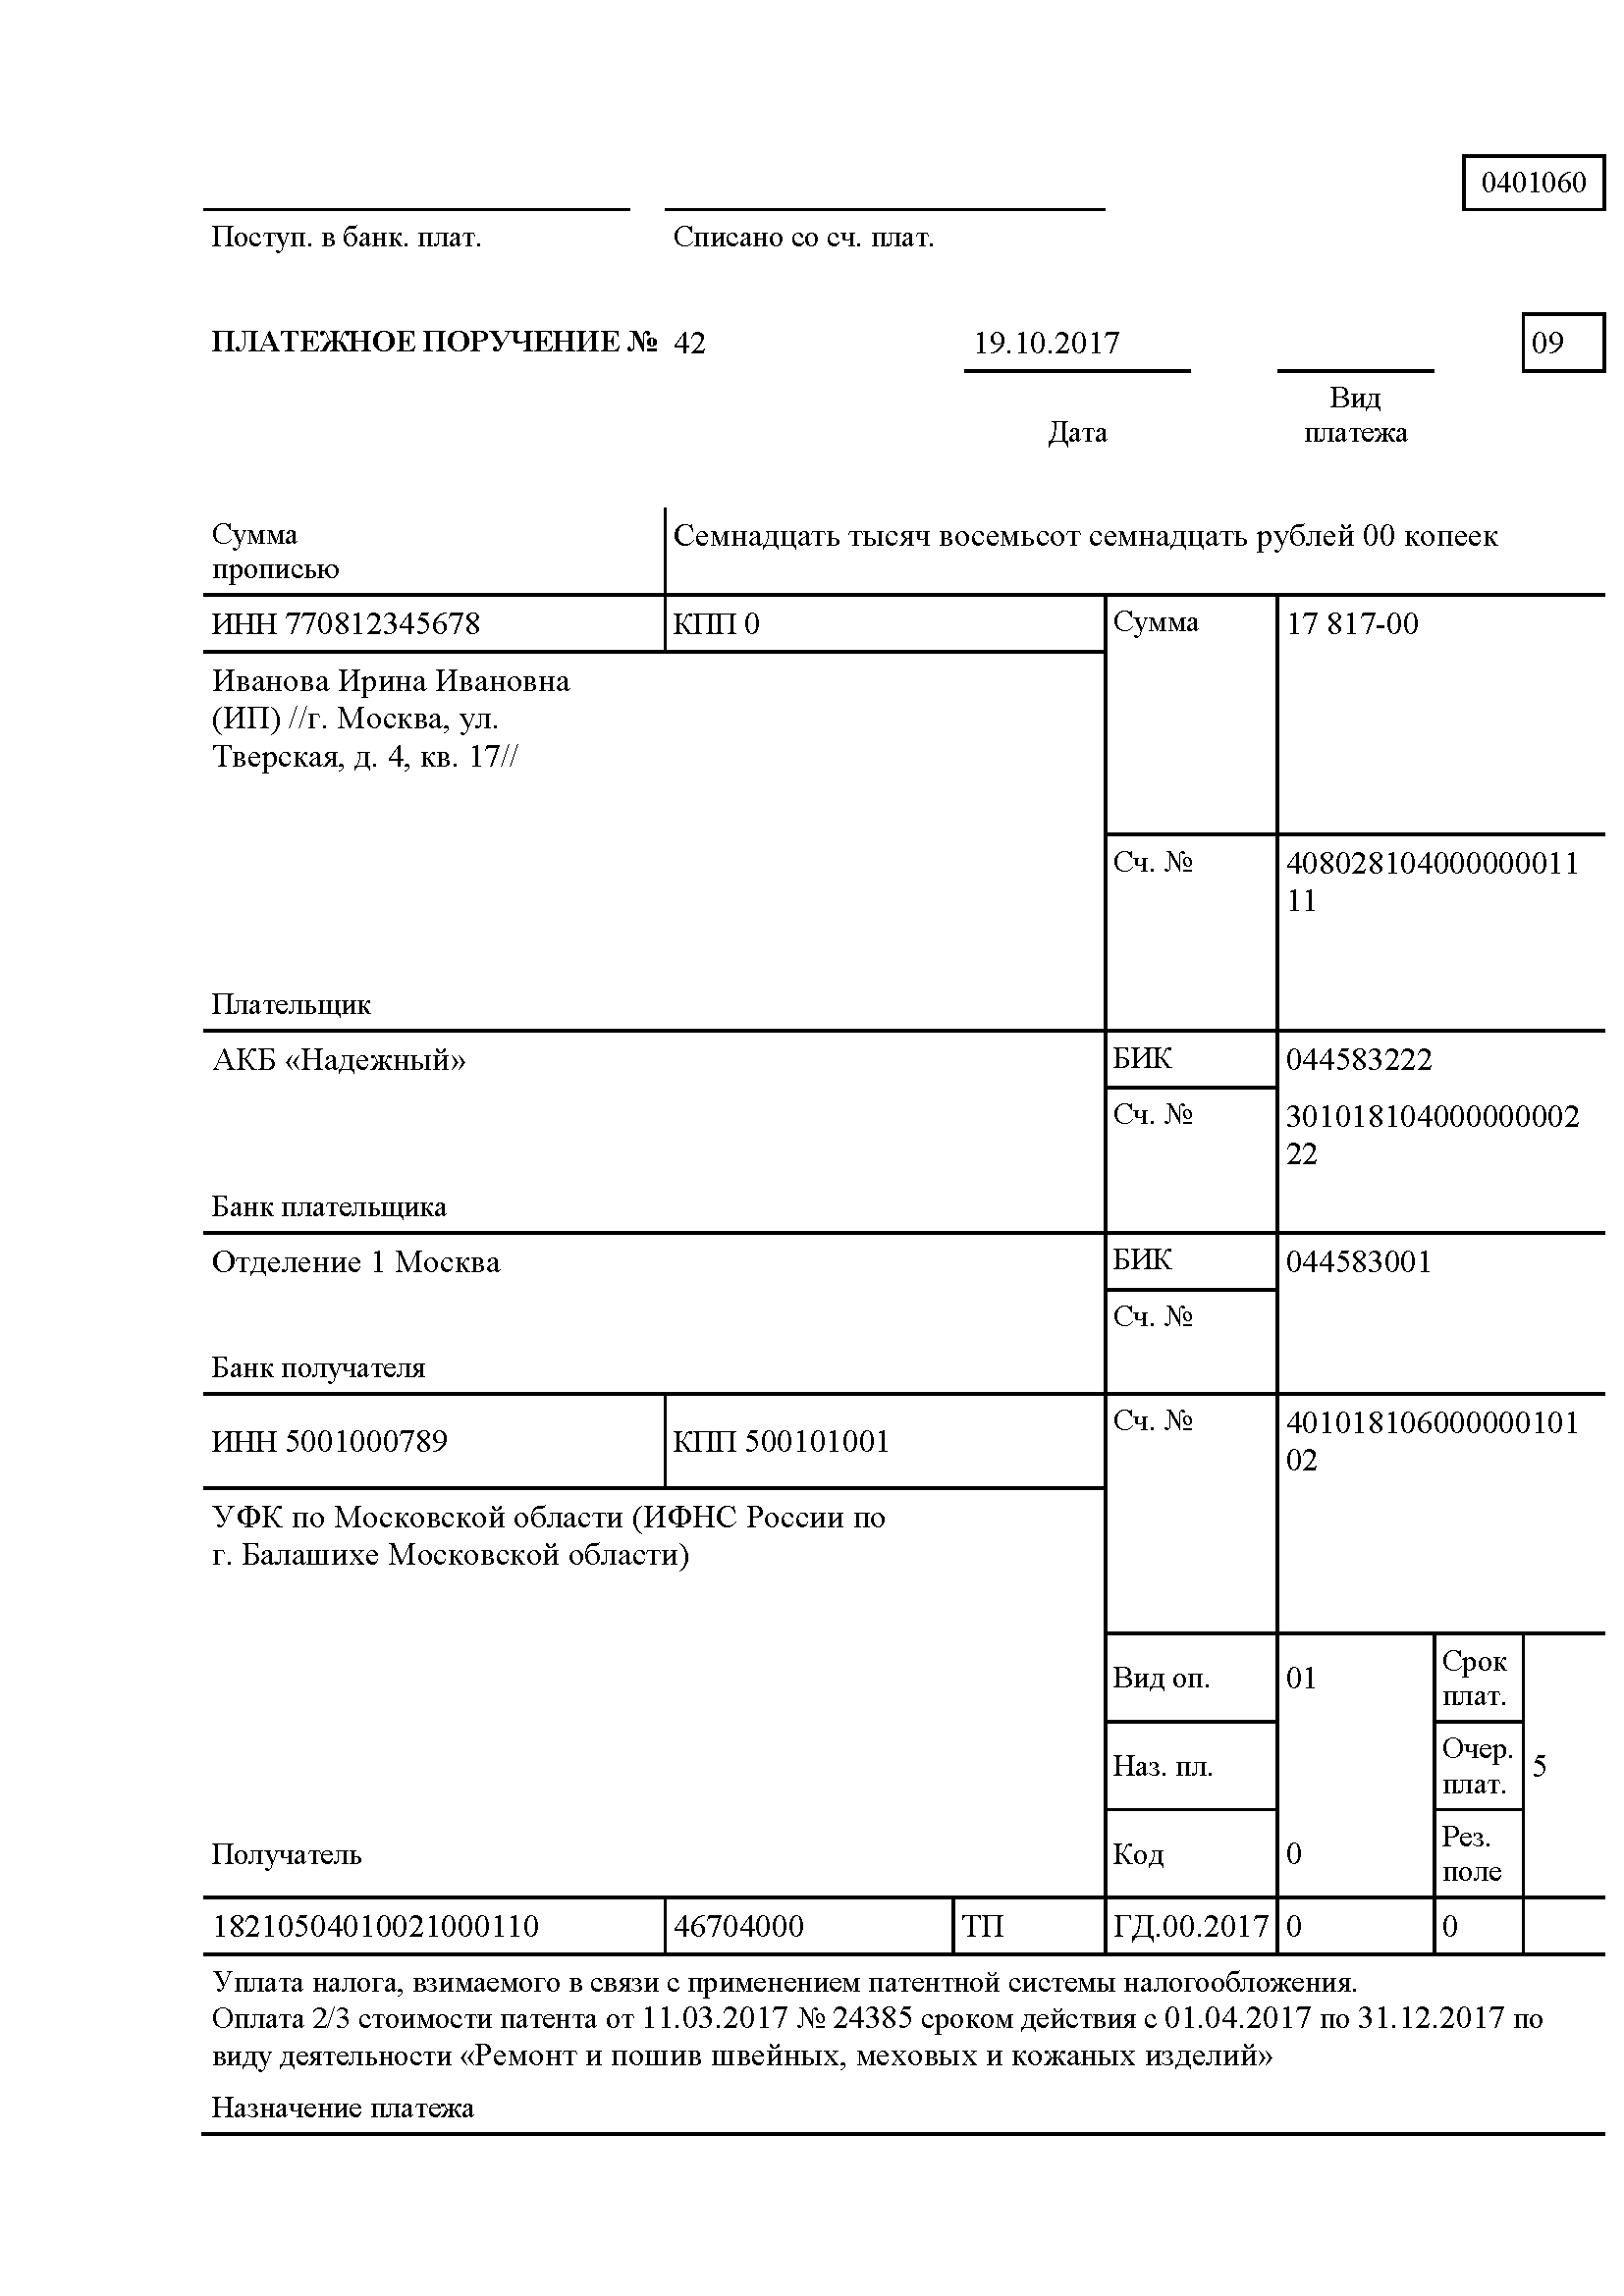 Неверный кбк при уплате патента